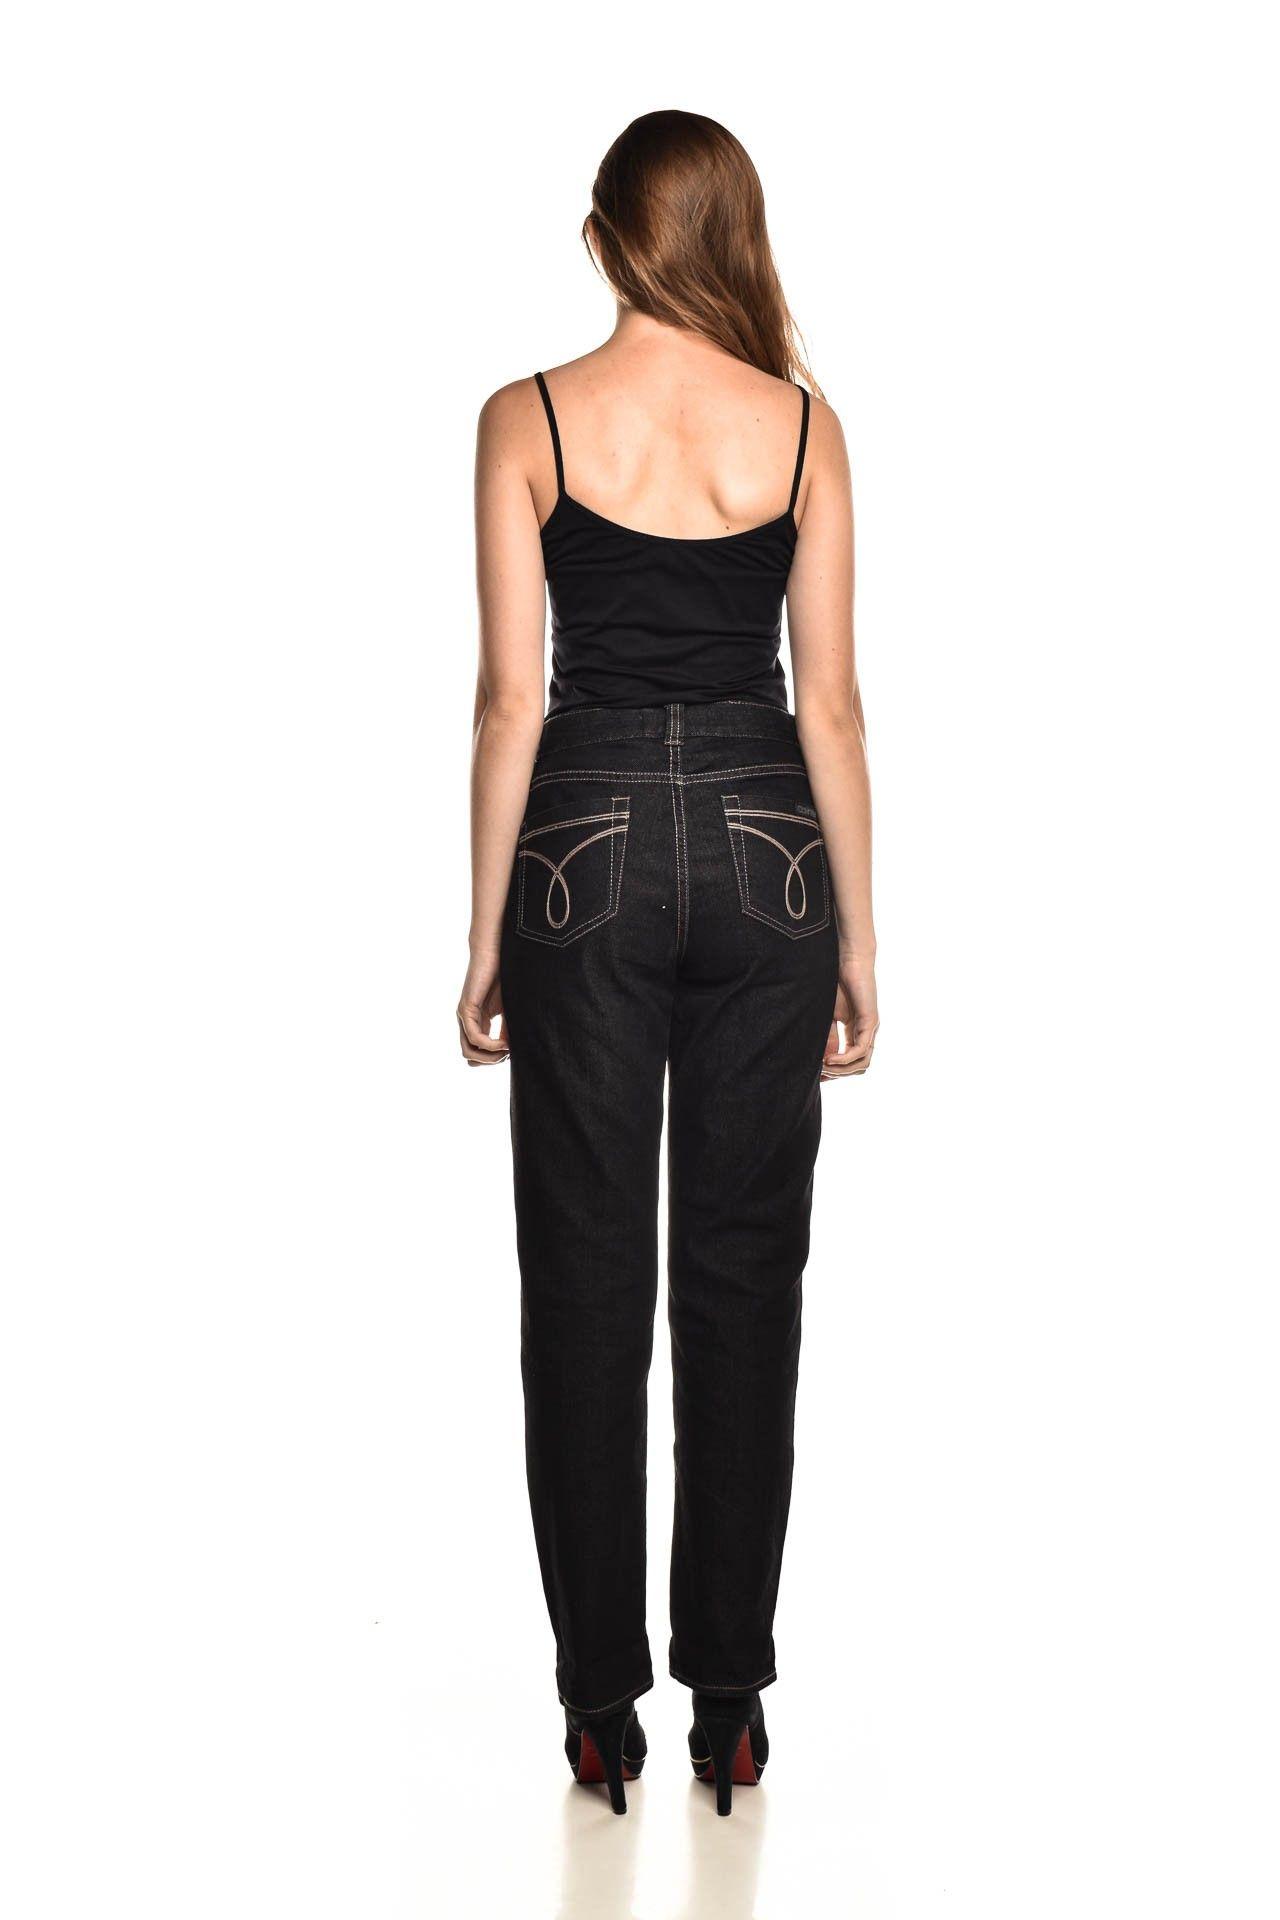 Calvin Klein - Calça Jeans Preta - Foto 4